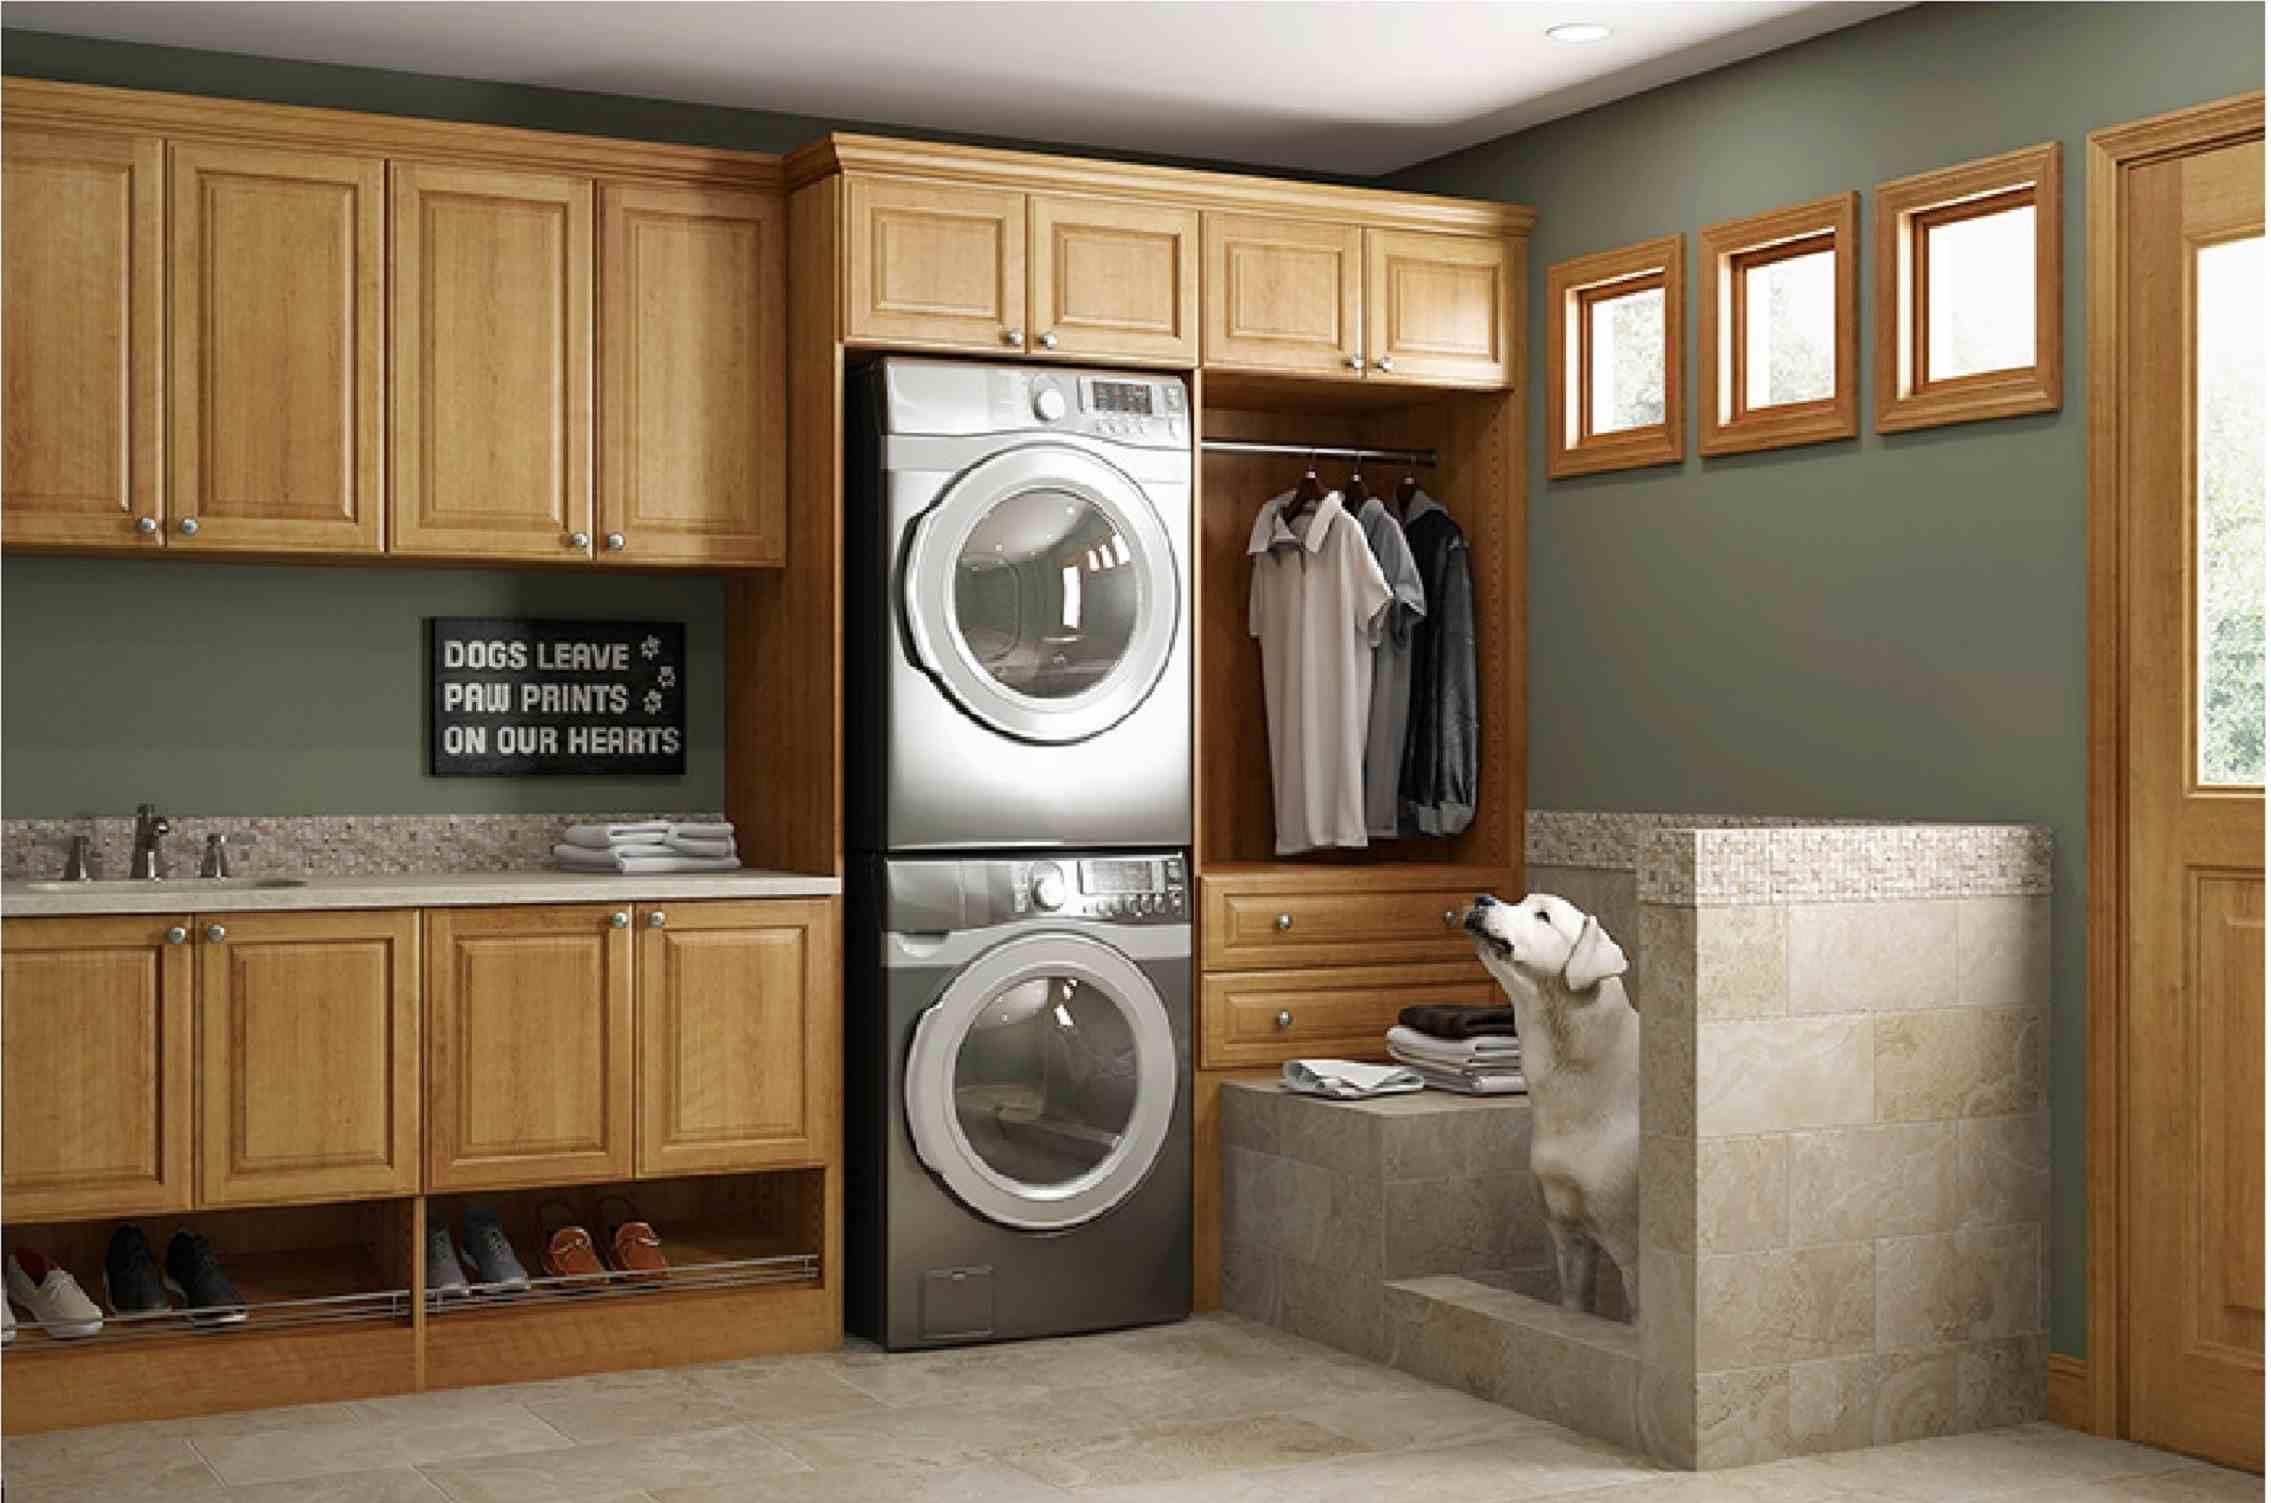 Dog Care Laundry